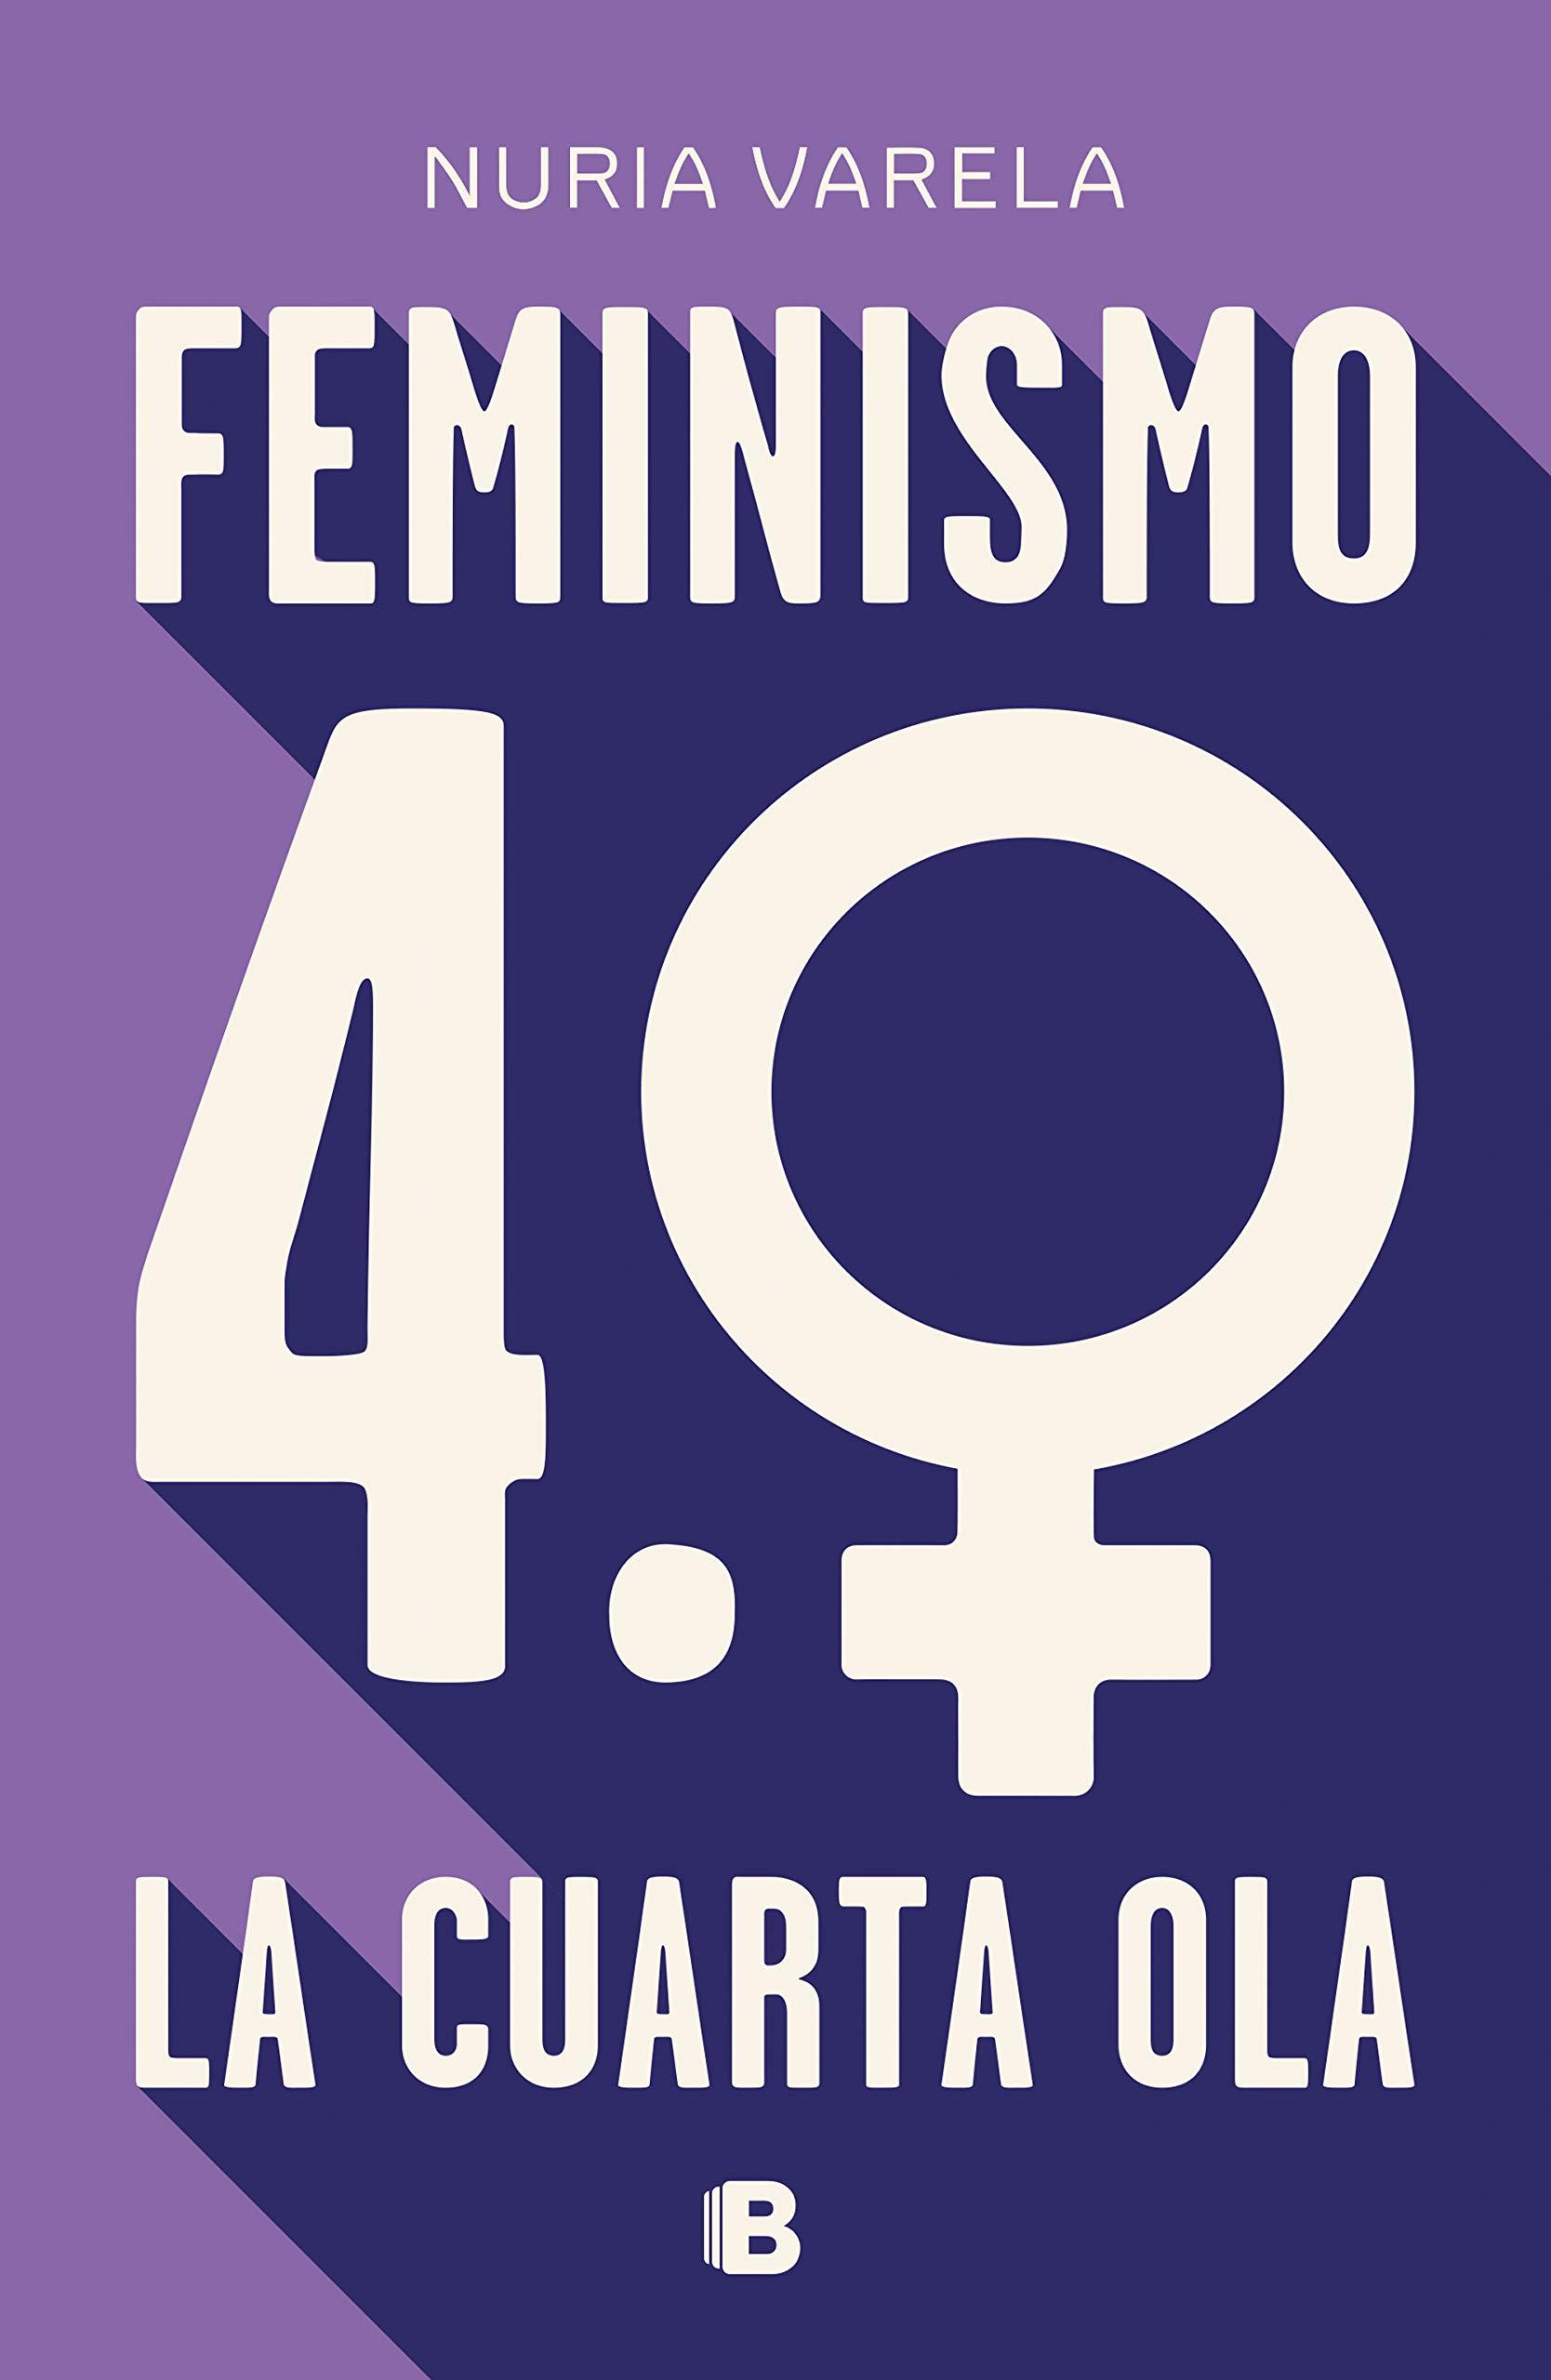 Feminismo 4.0. La cuarta ola (No ficción)